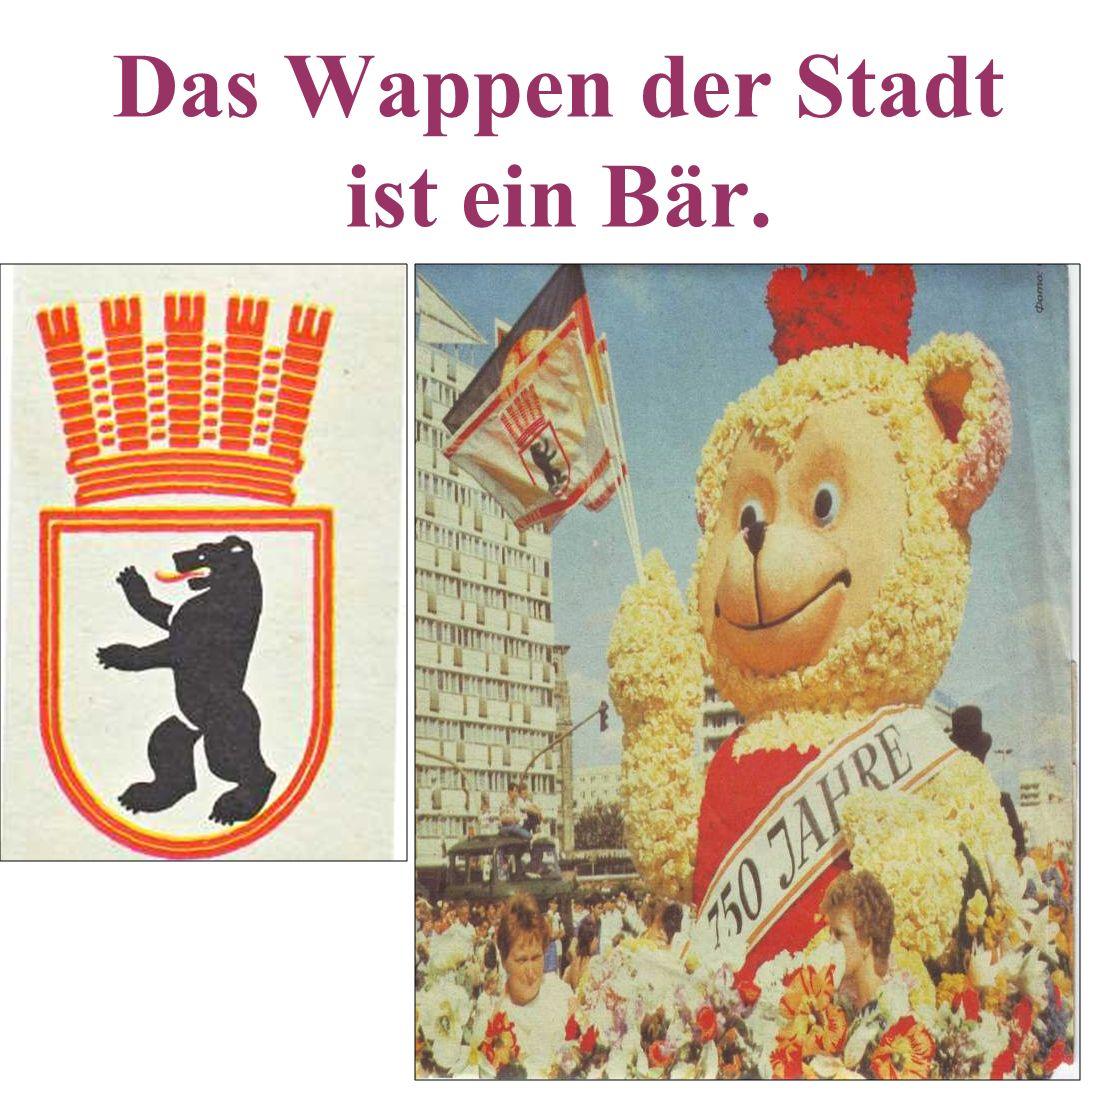 Das Wappen der Stadt ist ein Bär.